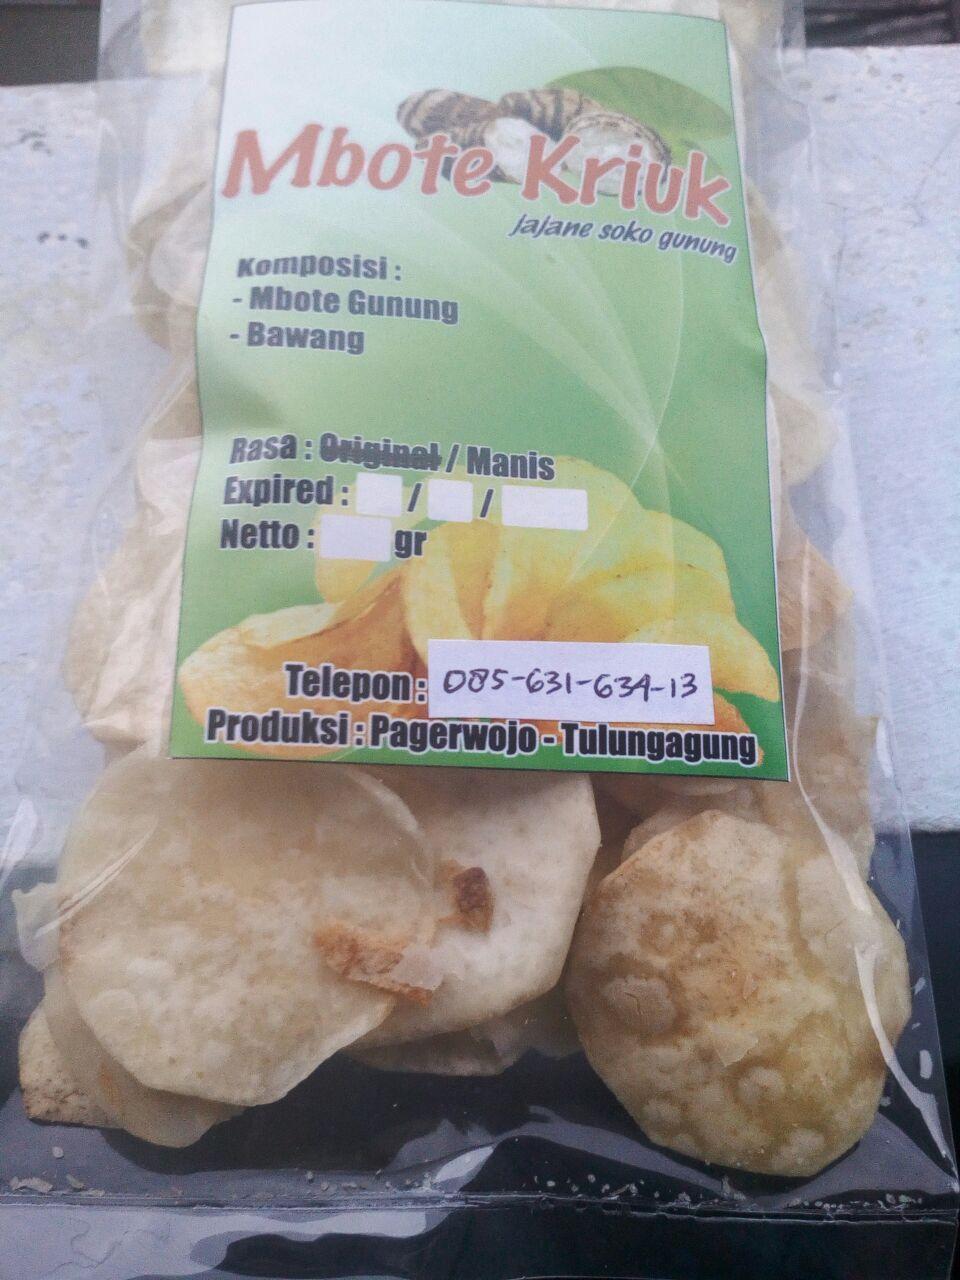 Distributor Agen Jual Keripik Mbote Talas Mentahan Dan Siap Saji Hp Wa 085 631 634 13 Keripik Makanan Komposisi